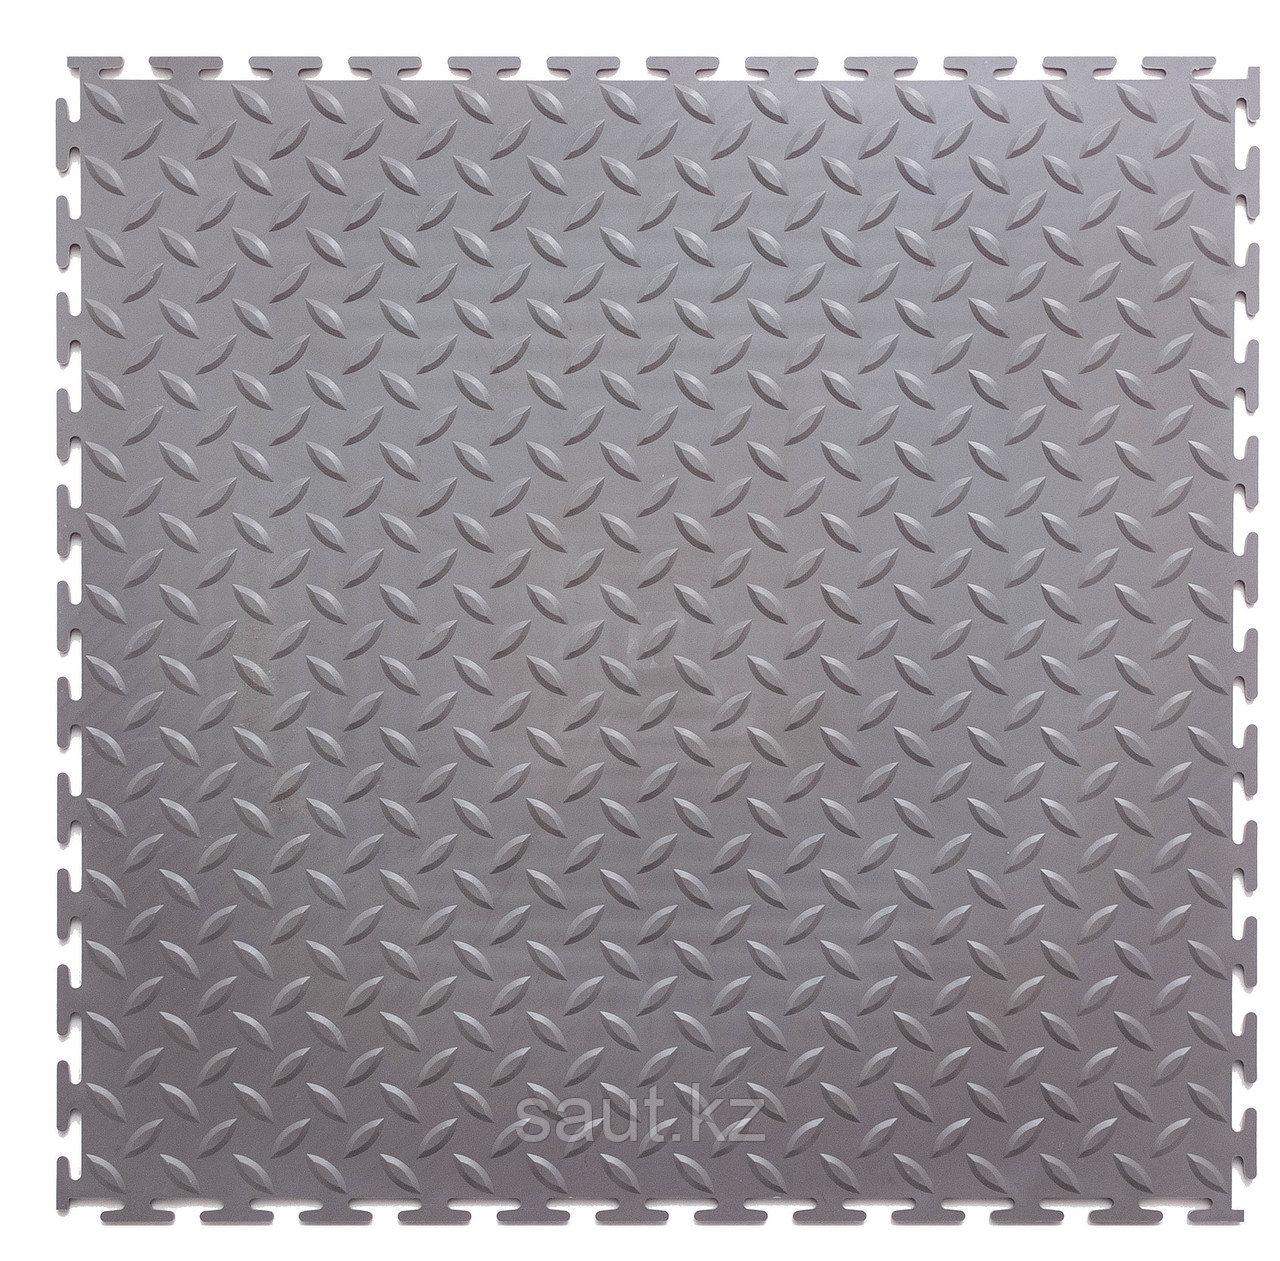 Модульное покрытие плитка Sold Grain 7 мм